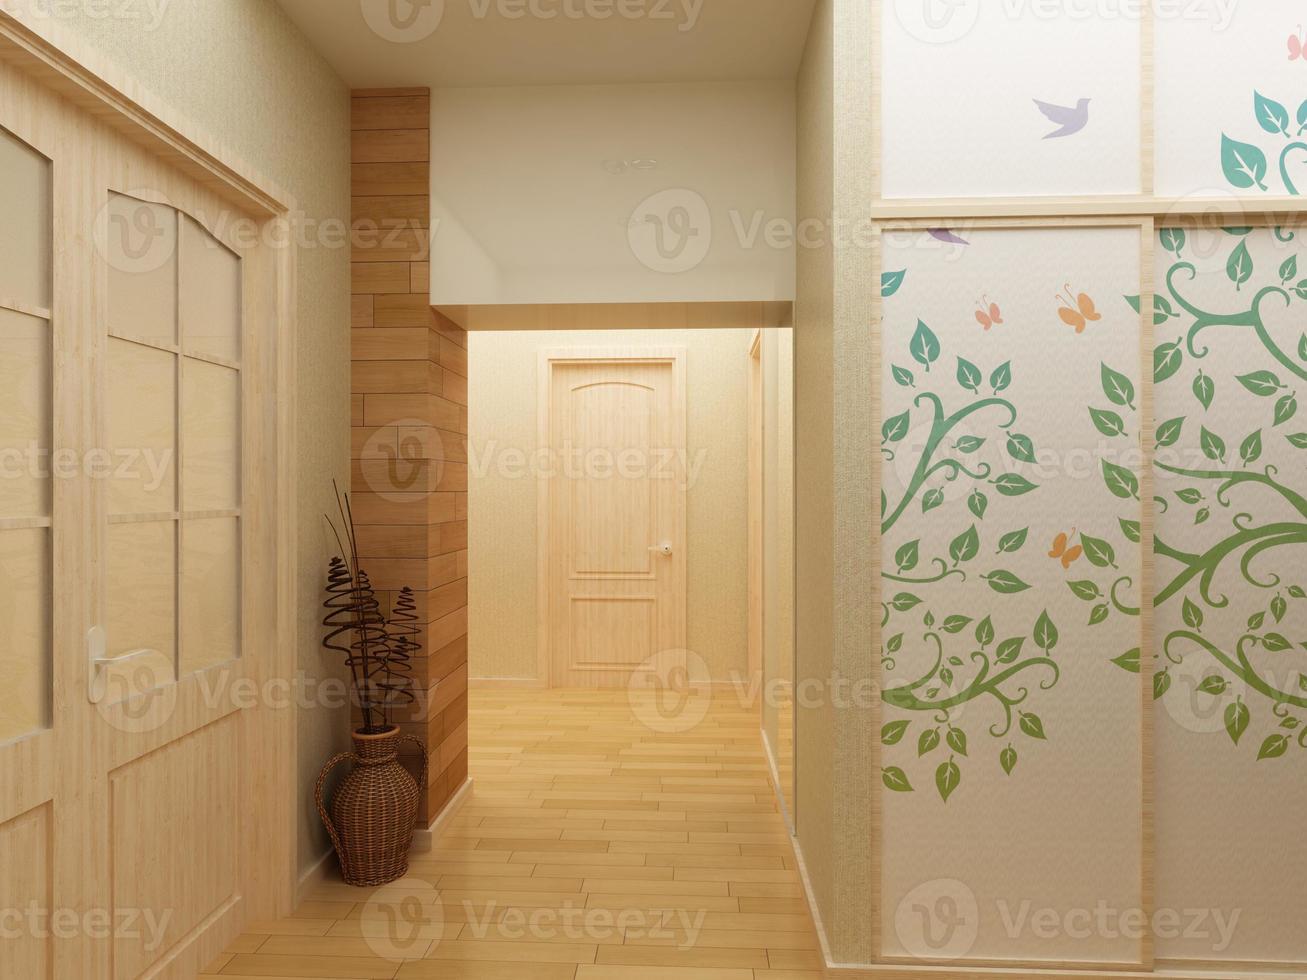 modernes Design Interieur der Halle, Korridor. 3d rendern foto